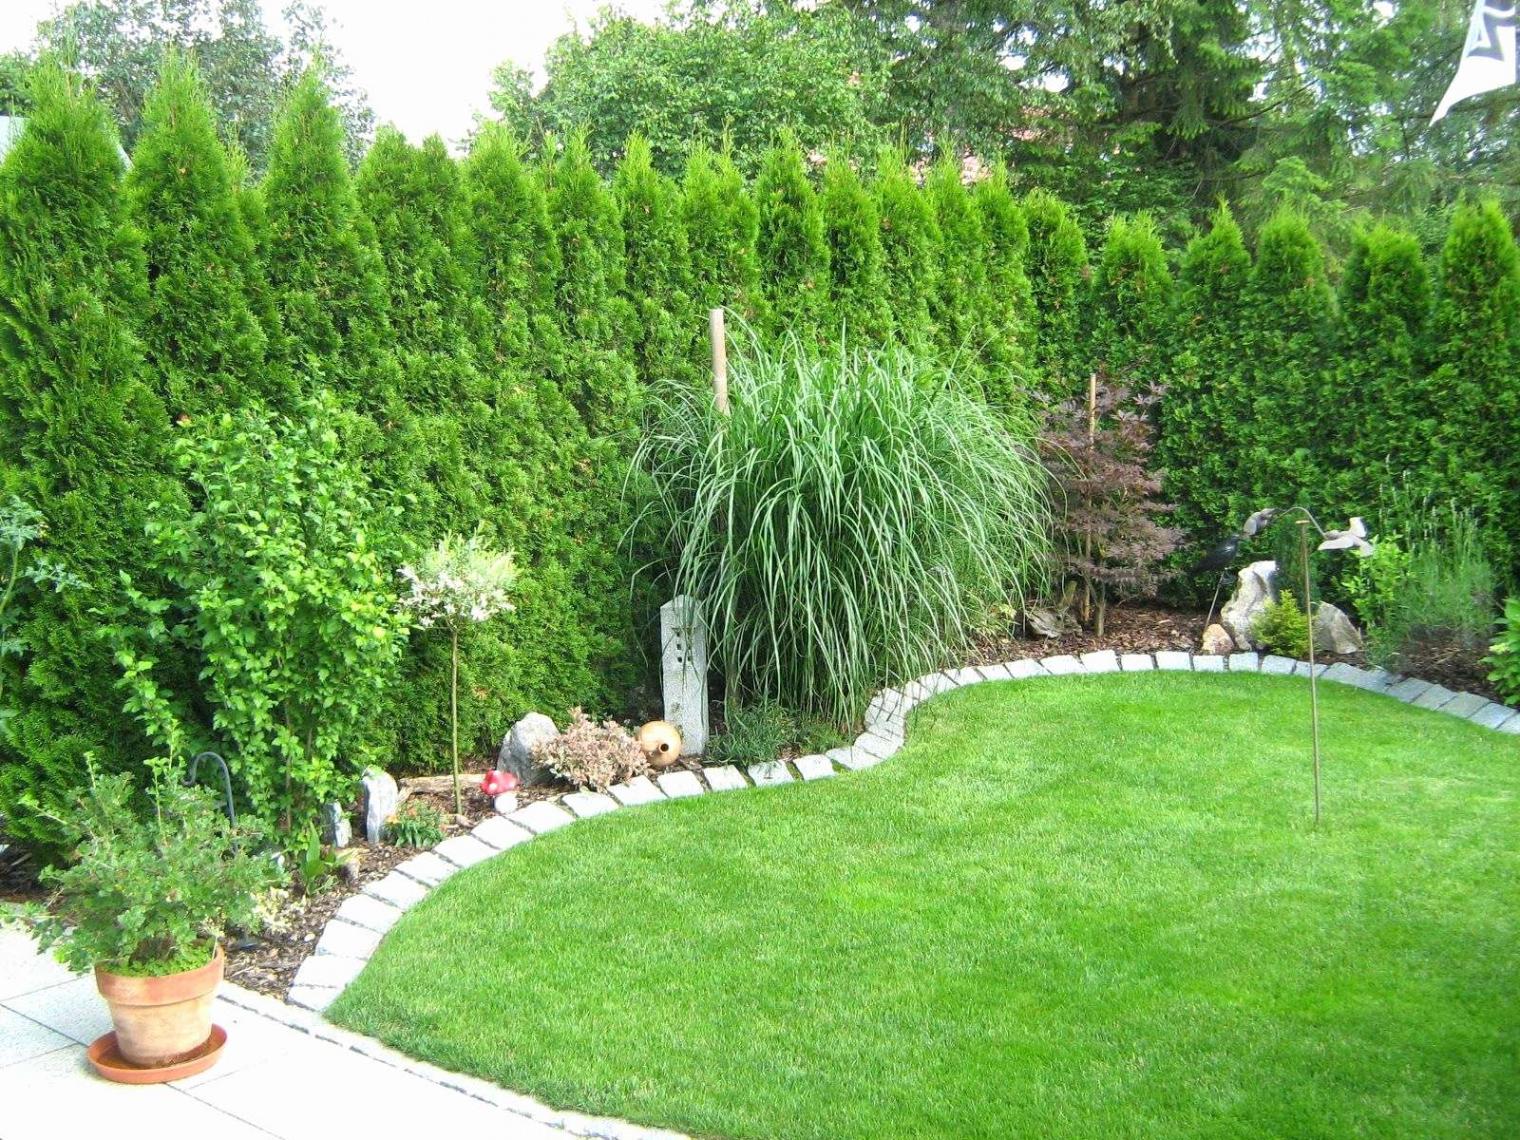 Garten Dekorieren Best Of Deko Garten Selber Machen — Temobardz Home Blog